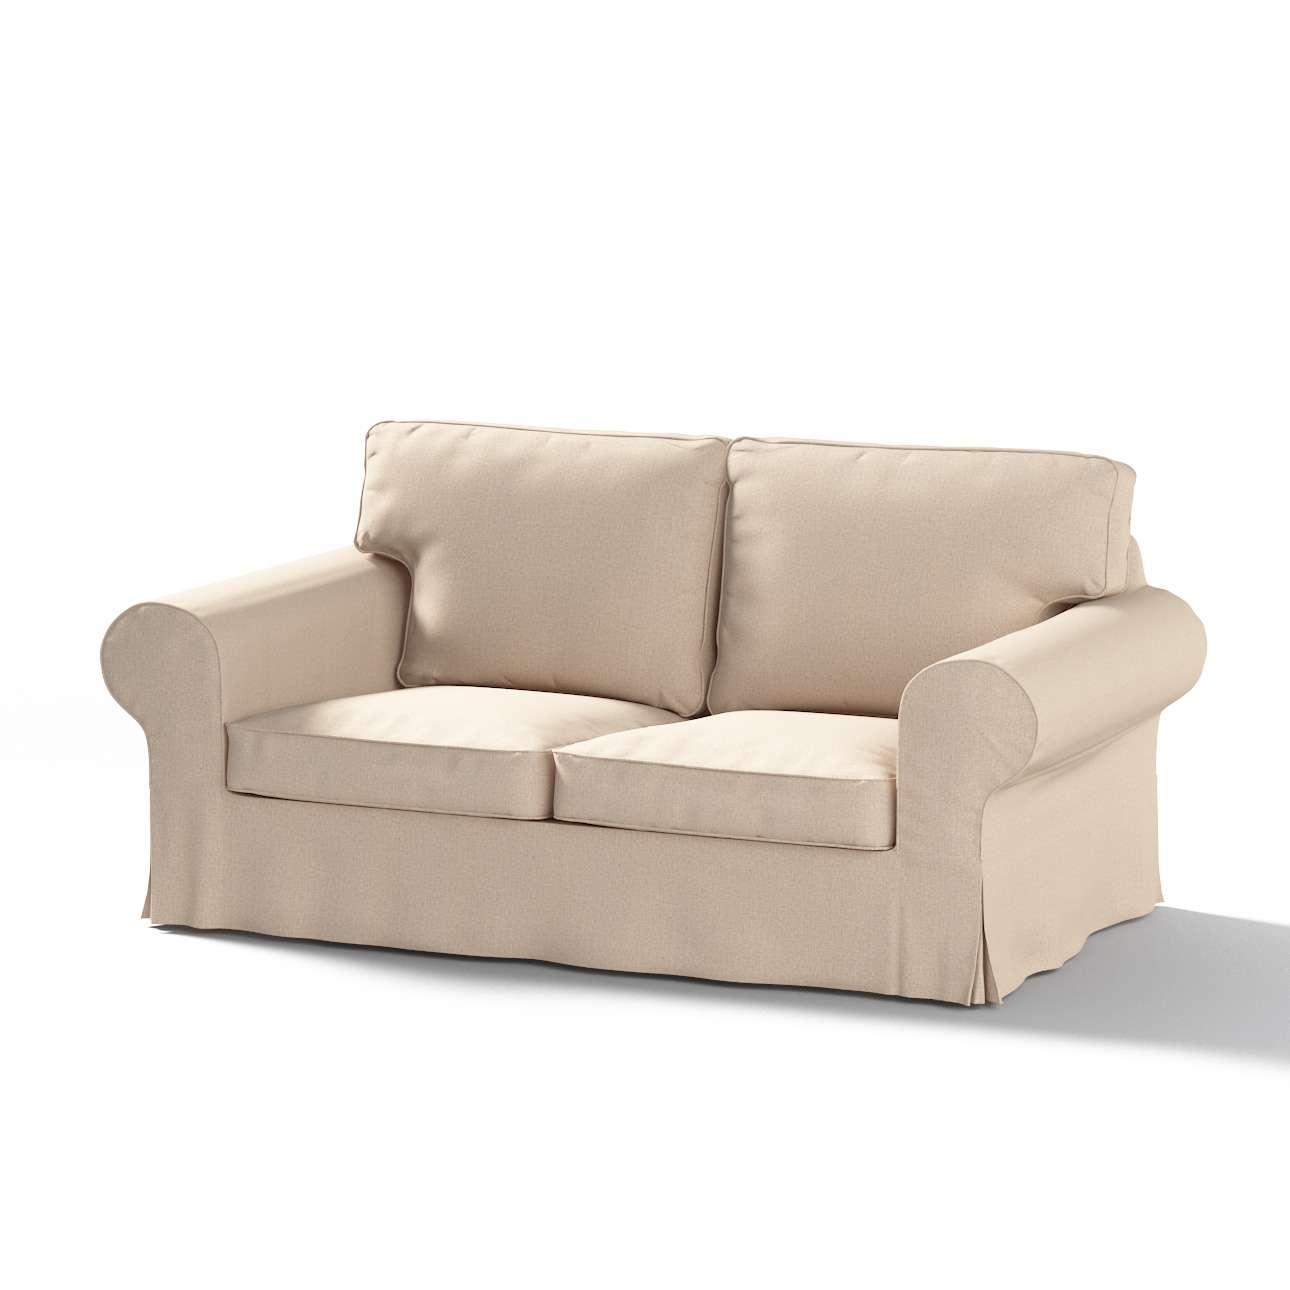 Pokrowiec na sofę Ektorp 2-osobową, rozkładaną, model do 2012 w kolekcji Edinburgh, tkanina: 115-78